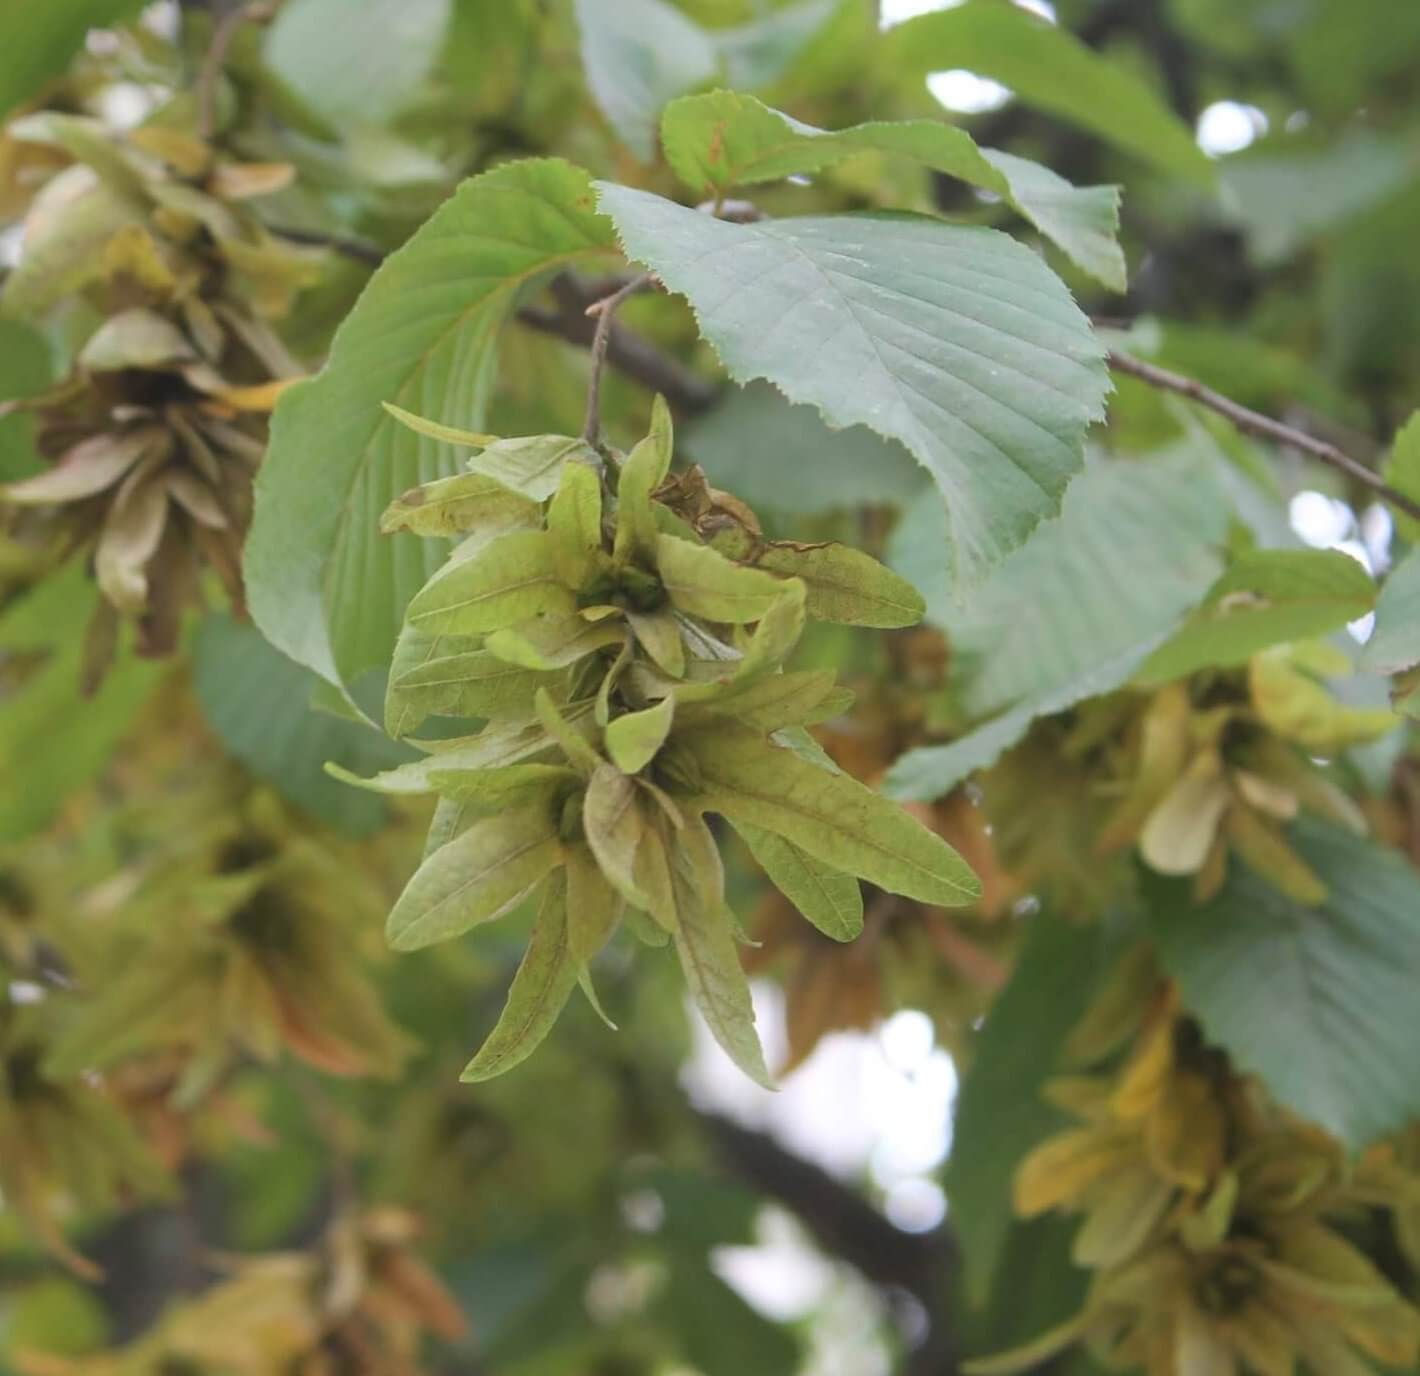 Das Bild zeigt Blätter und geflügelte Fruchtstände einer Hainbuche am Forum im zentralen Kosmosviertel im September. Die je von einem dreiteiligen Hochblatt versehenen Nussfrüchte werden vom Wind verbreitet.